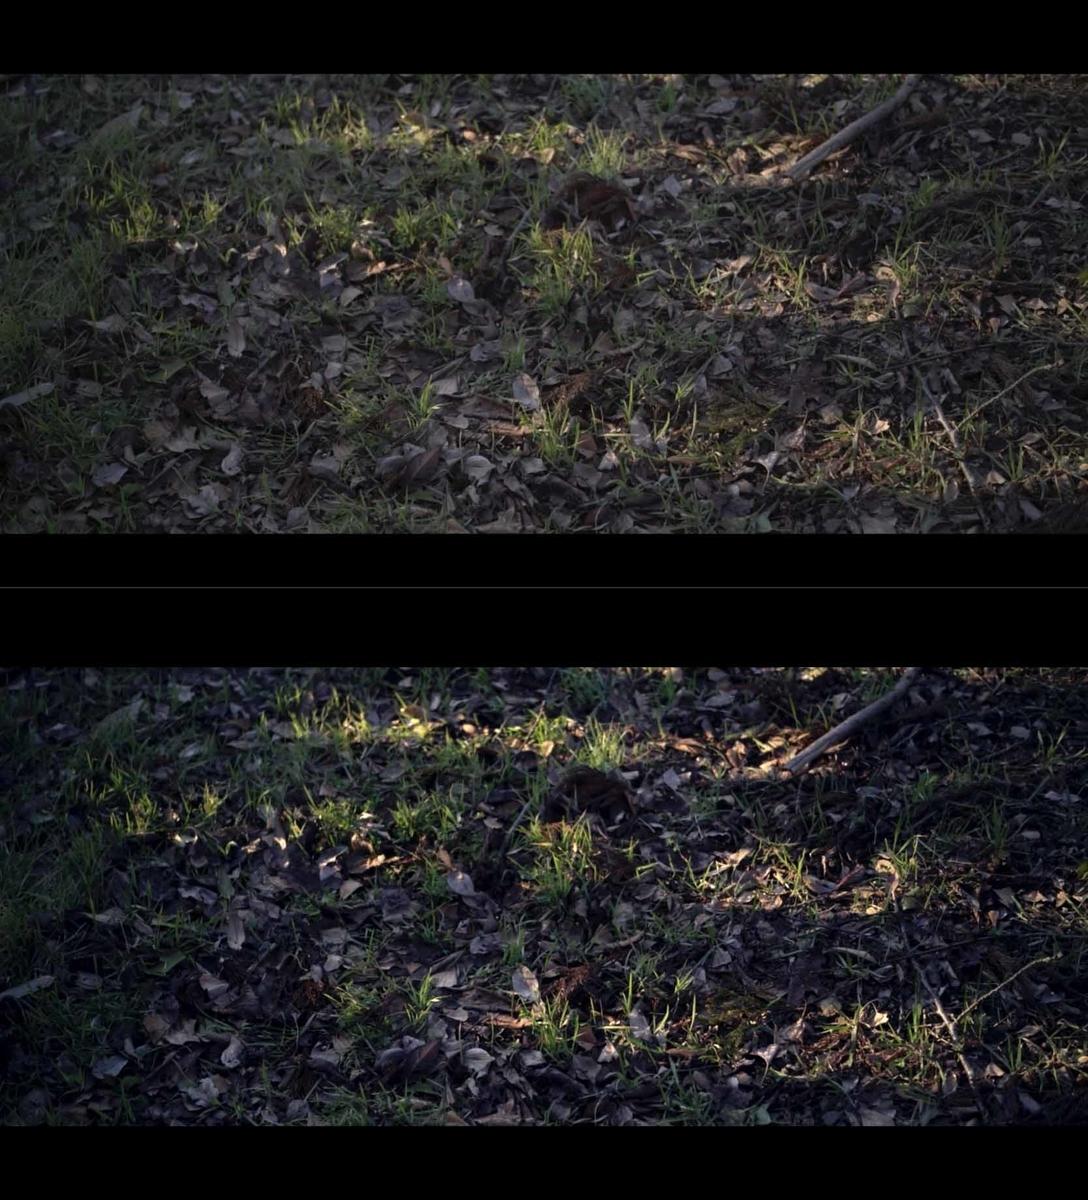 f:id:Studiocedarv:20200214205142j:plain